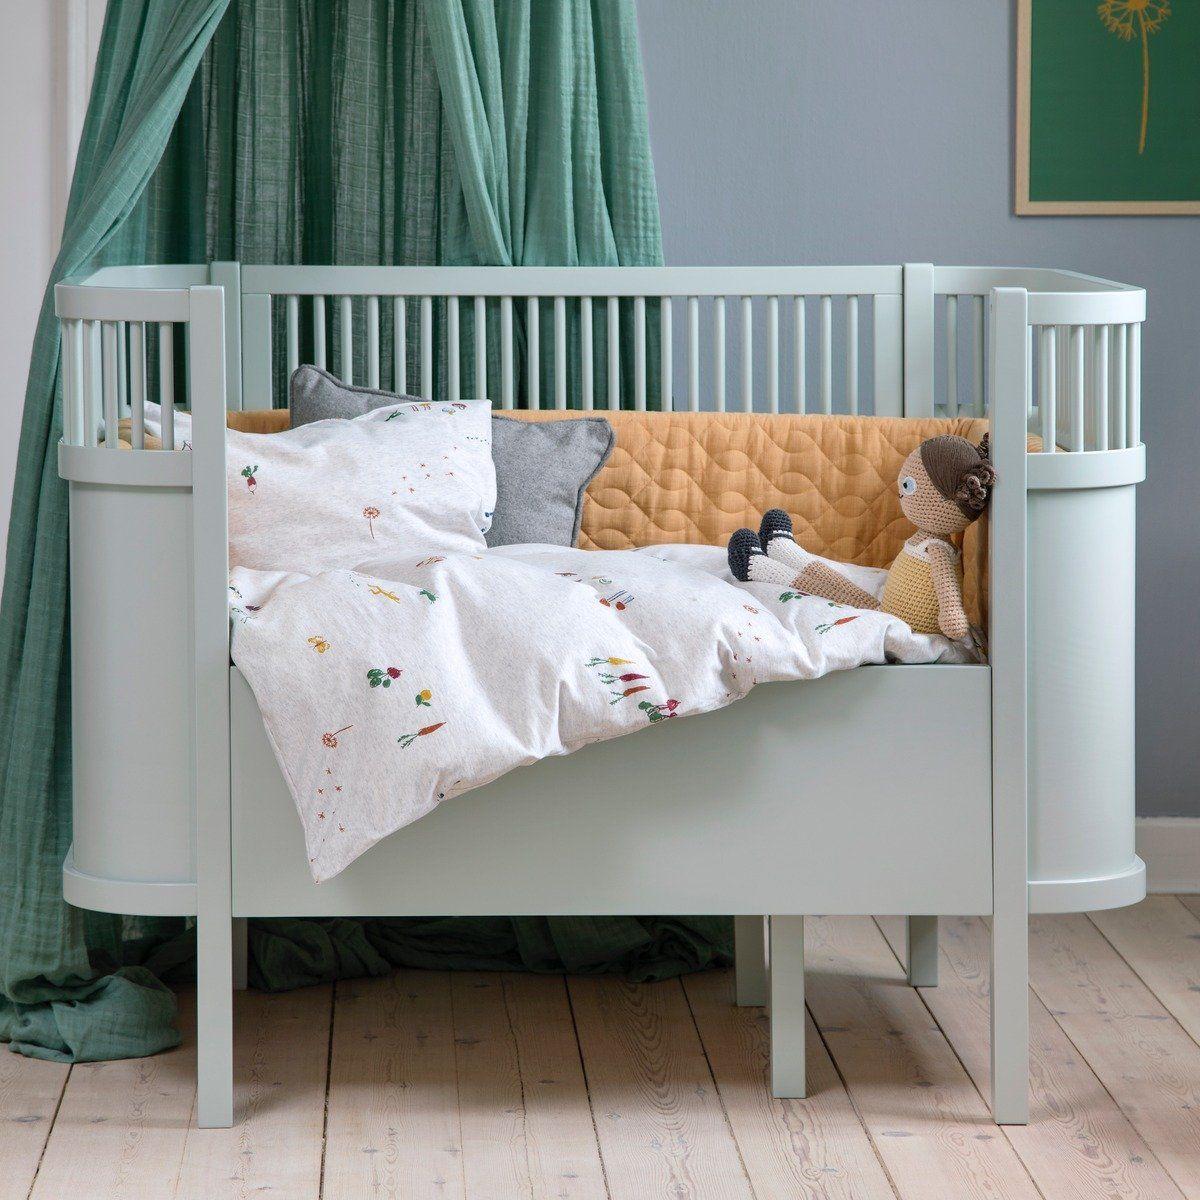 Sebra Babybett Kinderbett Mitwachsend Hohenverstellbar Ab Geburt Bis 6 Jahre In Hell Grun In 2019 Baby Kinder Bett Babybett Mitwachsend Bett